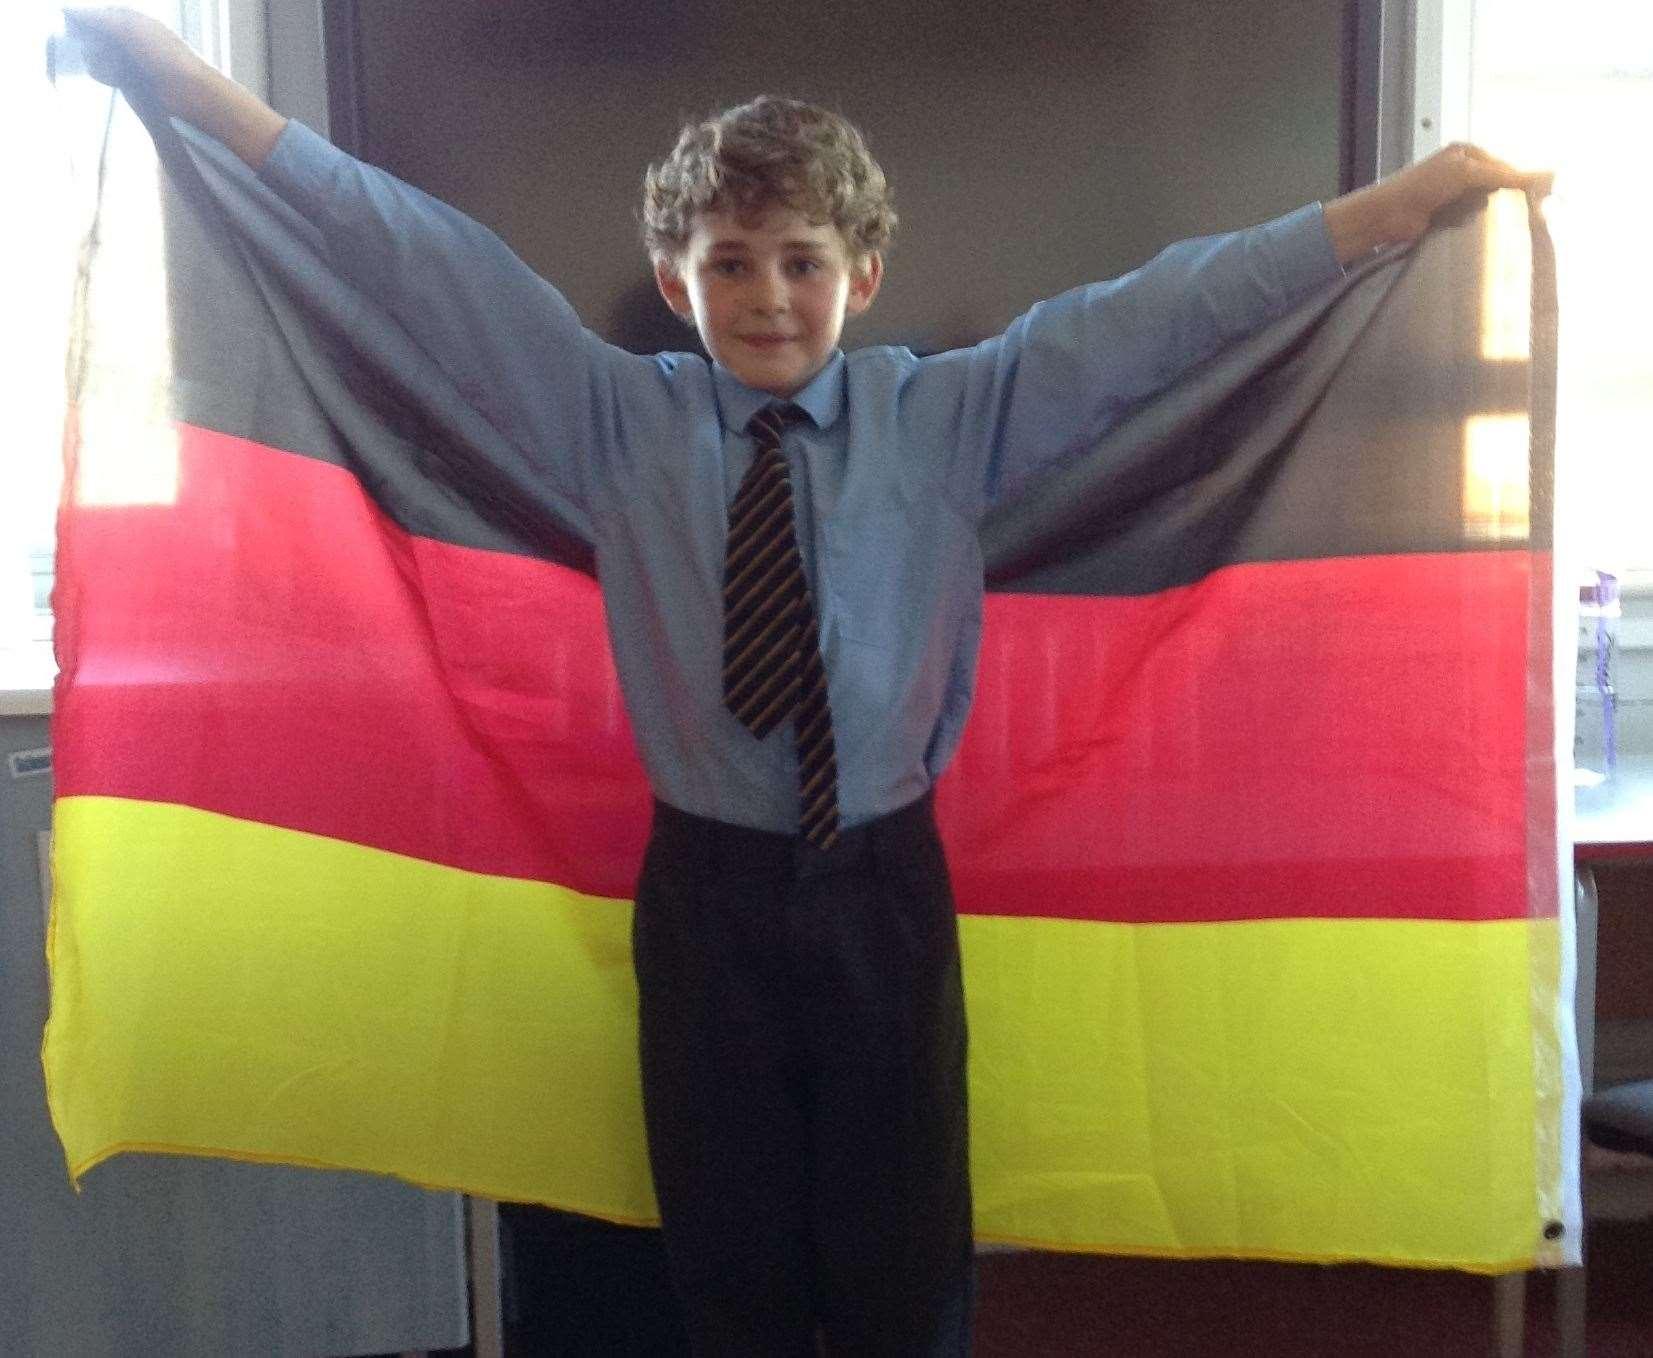 Tommy Oxford gewann den ersten Platz bei der Deutschen Olympiade in der 5. Klasse an der Brandeis School in Graveson.  Bild: Markenschule